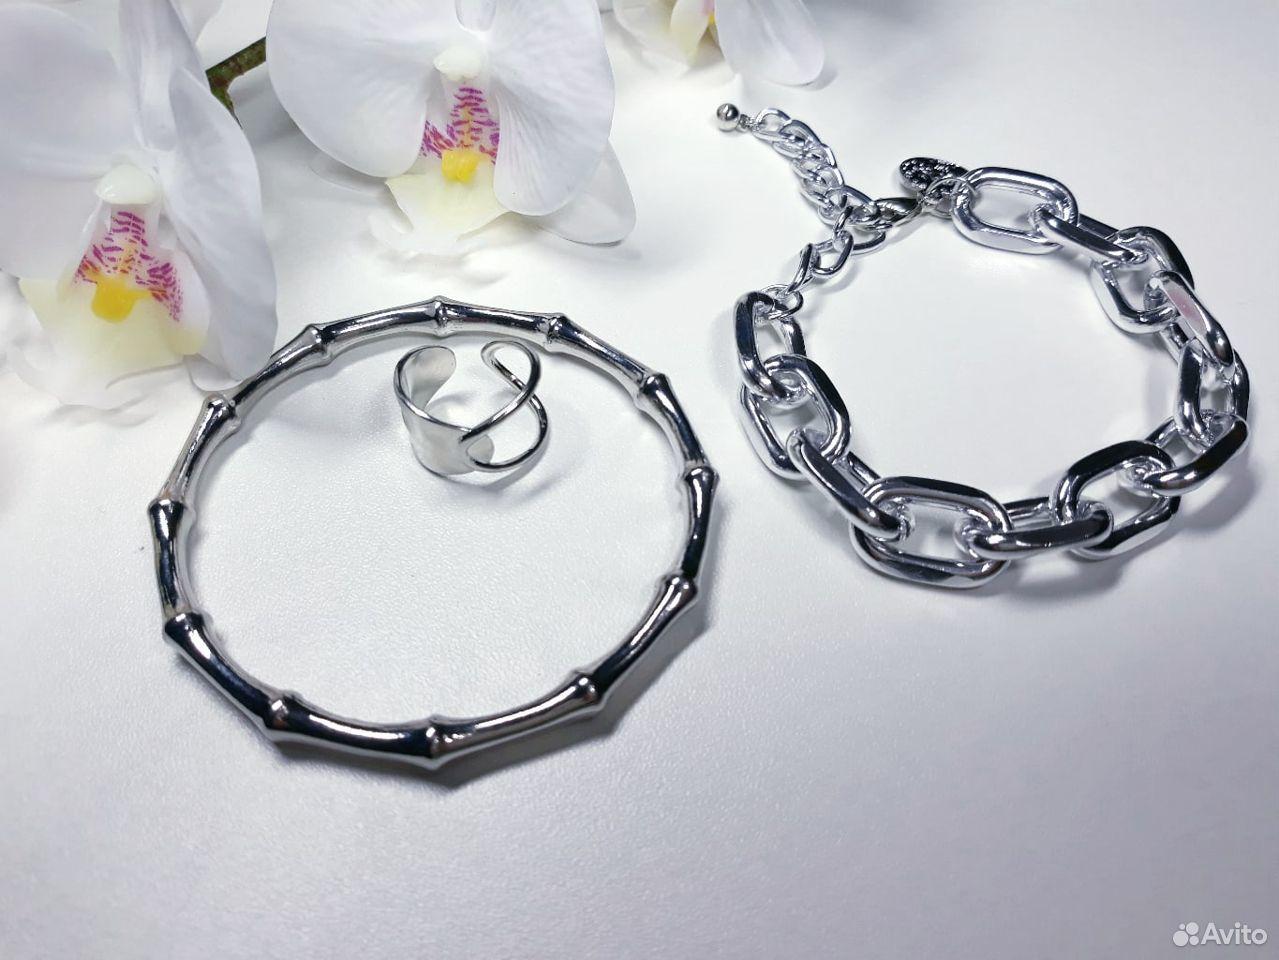 Комплект браслеты и кольцо  89503364820 купить 4